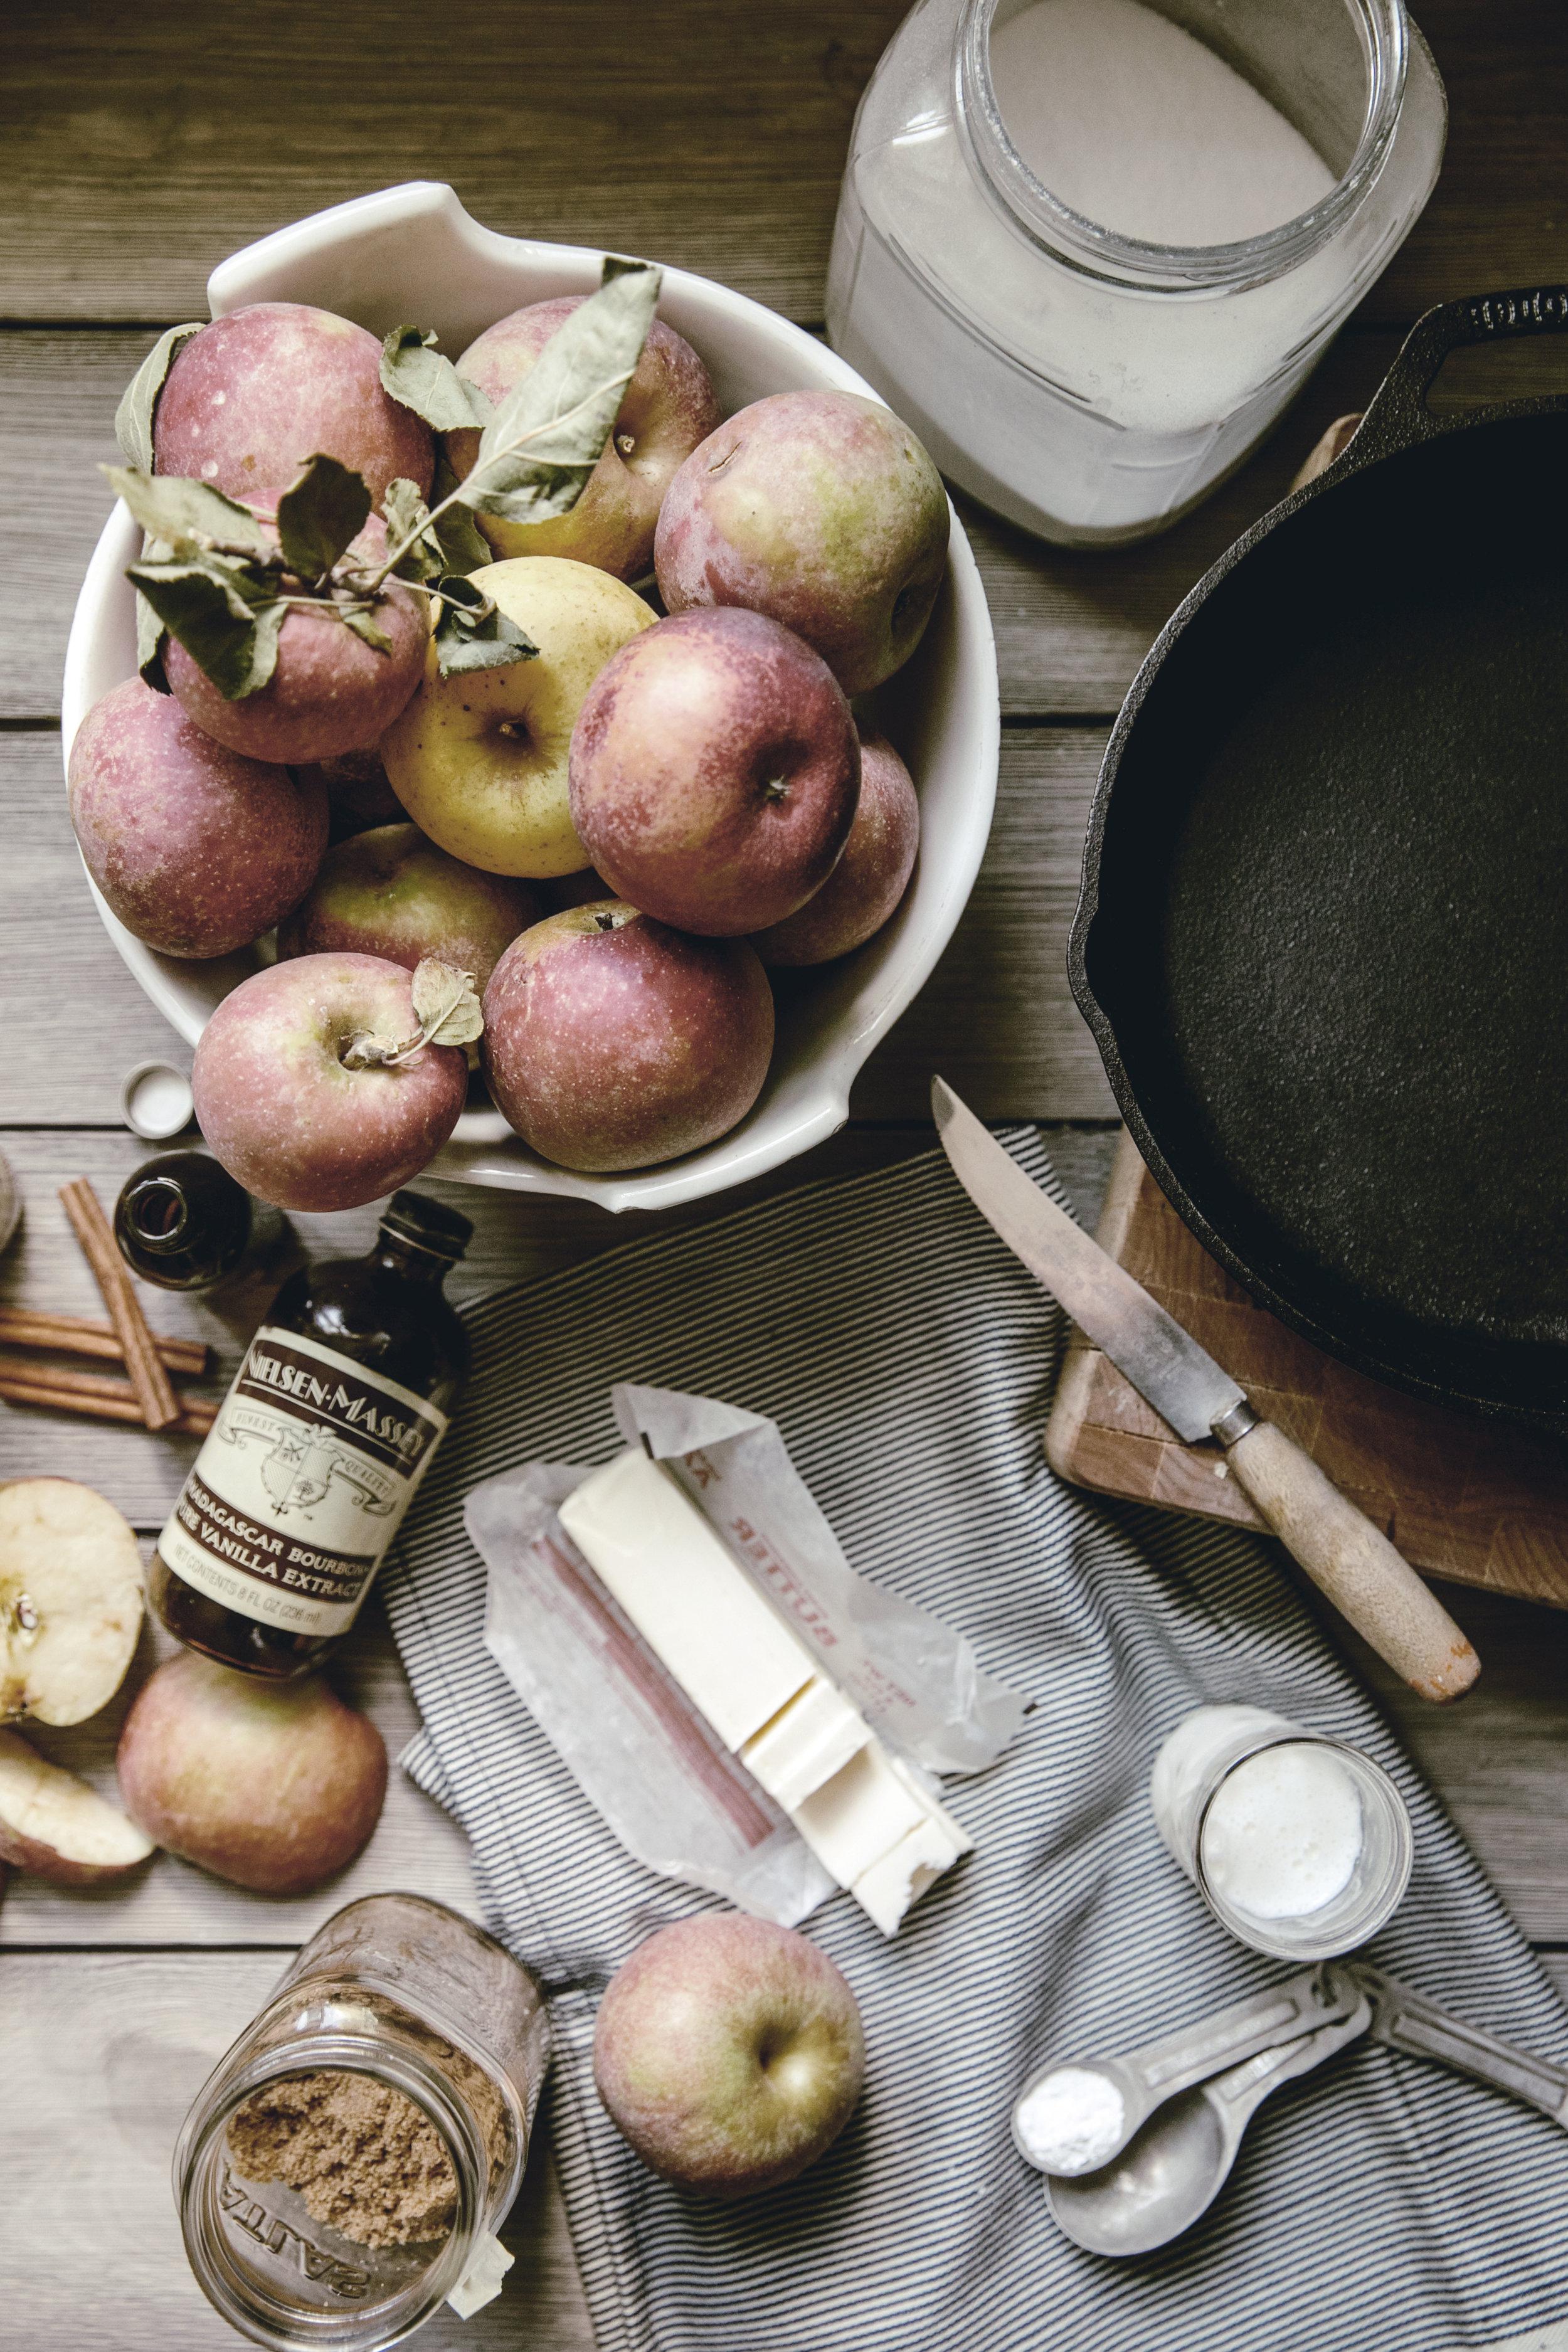 Apple Skillet Cobbler ingredients